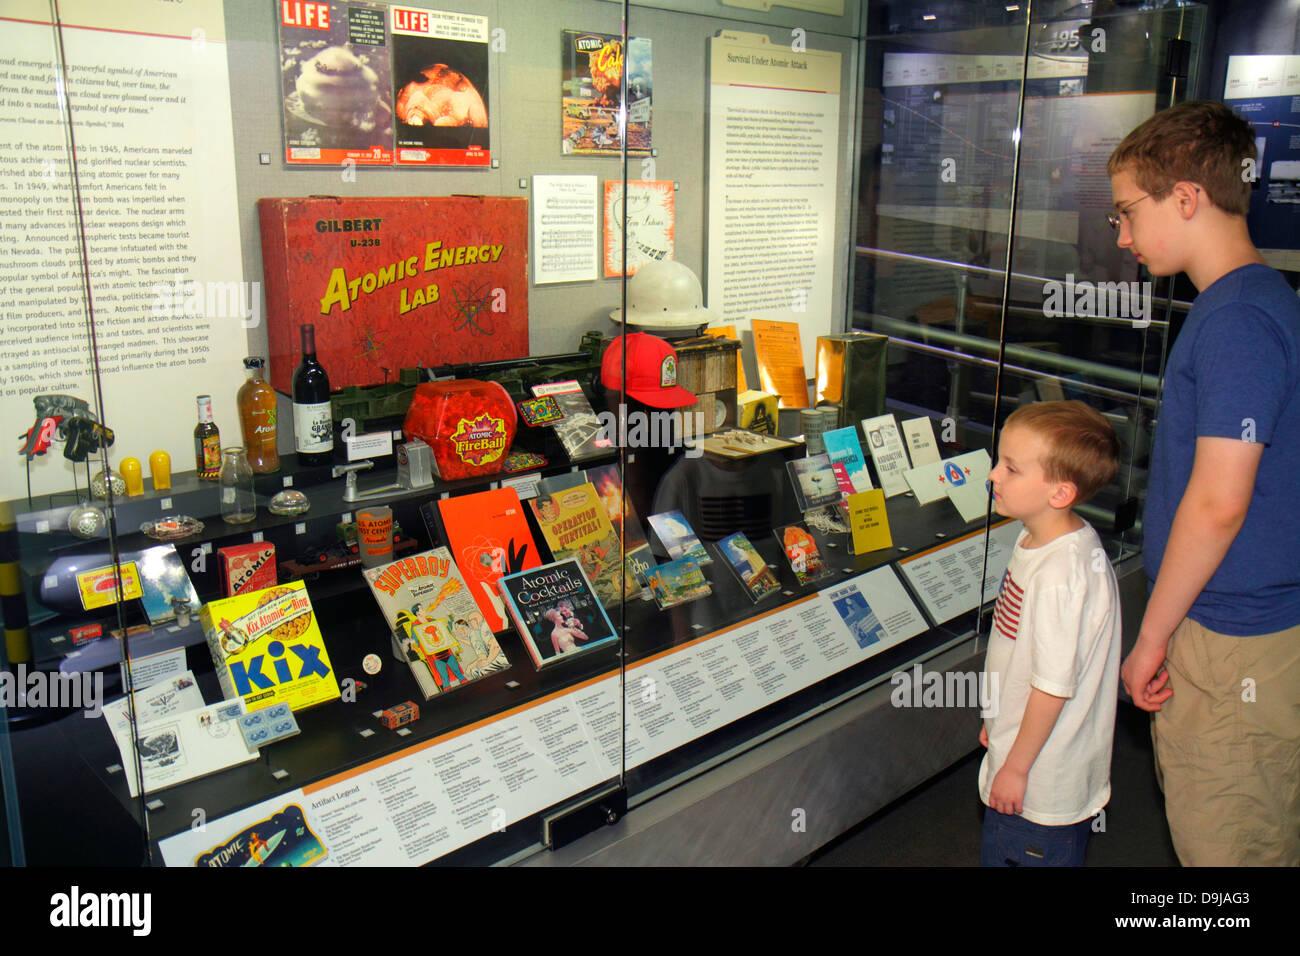 Las Vegas Nevada, Flamingo Road, National Atomic Testing Museum, sviluppo di armi nucleari, Area 51, reliquie, ragazzi ragazzi maschi bambini adolescenti Foto Stock